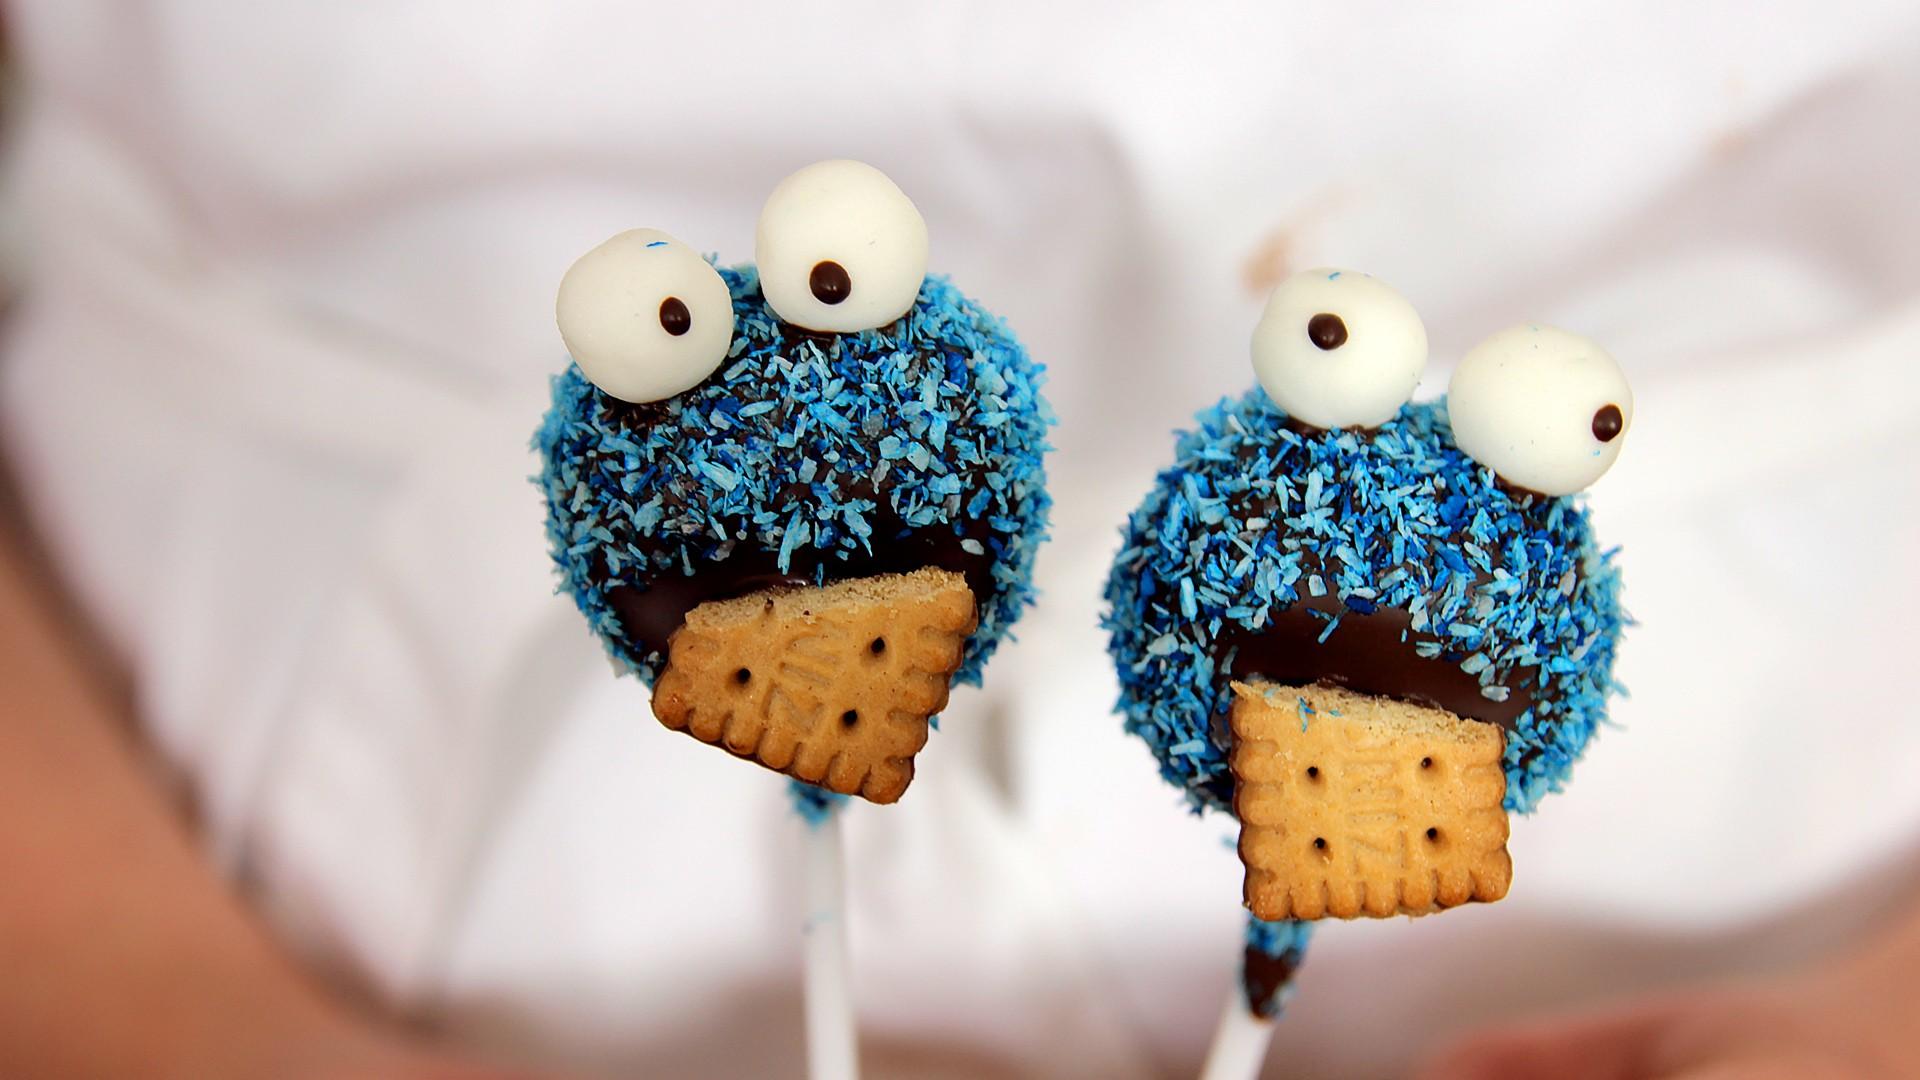 Ни одна твоя вечеринка больше без них не обойдется: как приготовить кейк-попсы - галерея №1 - фото №4